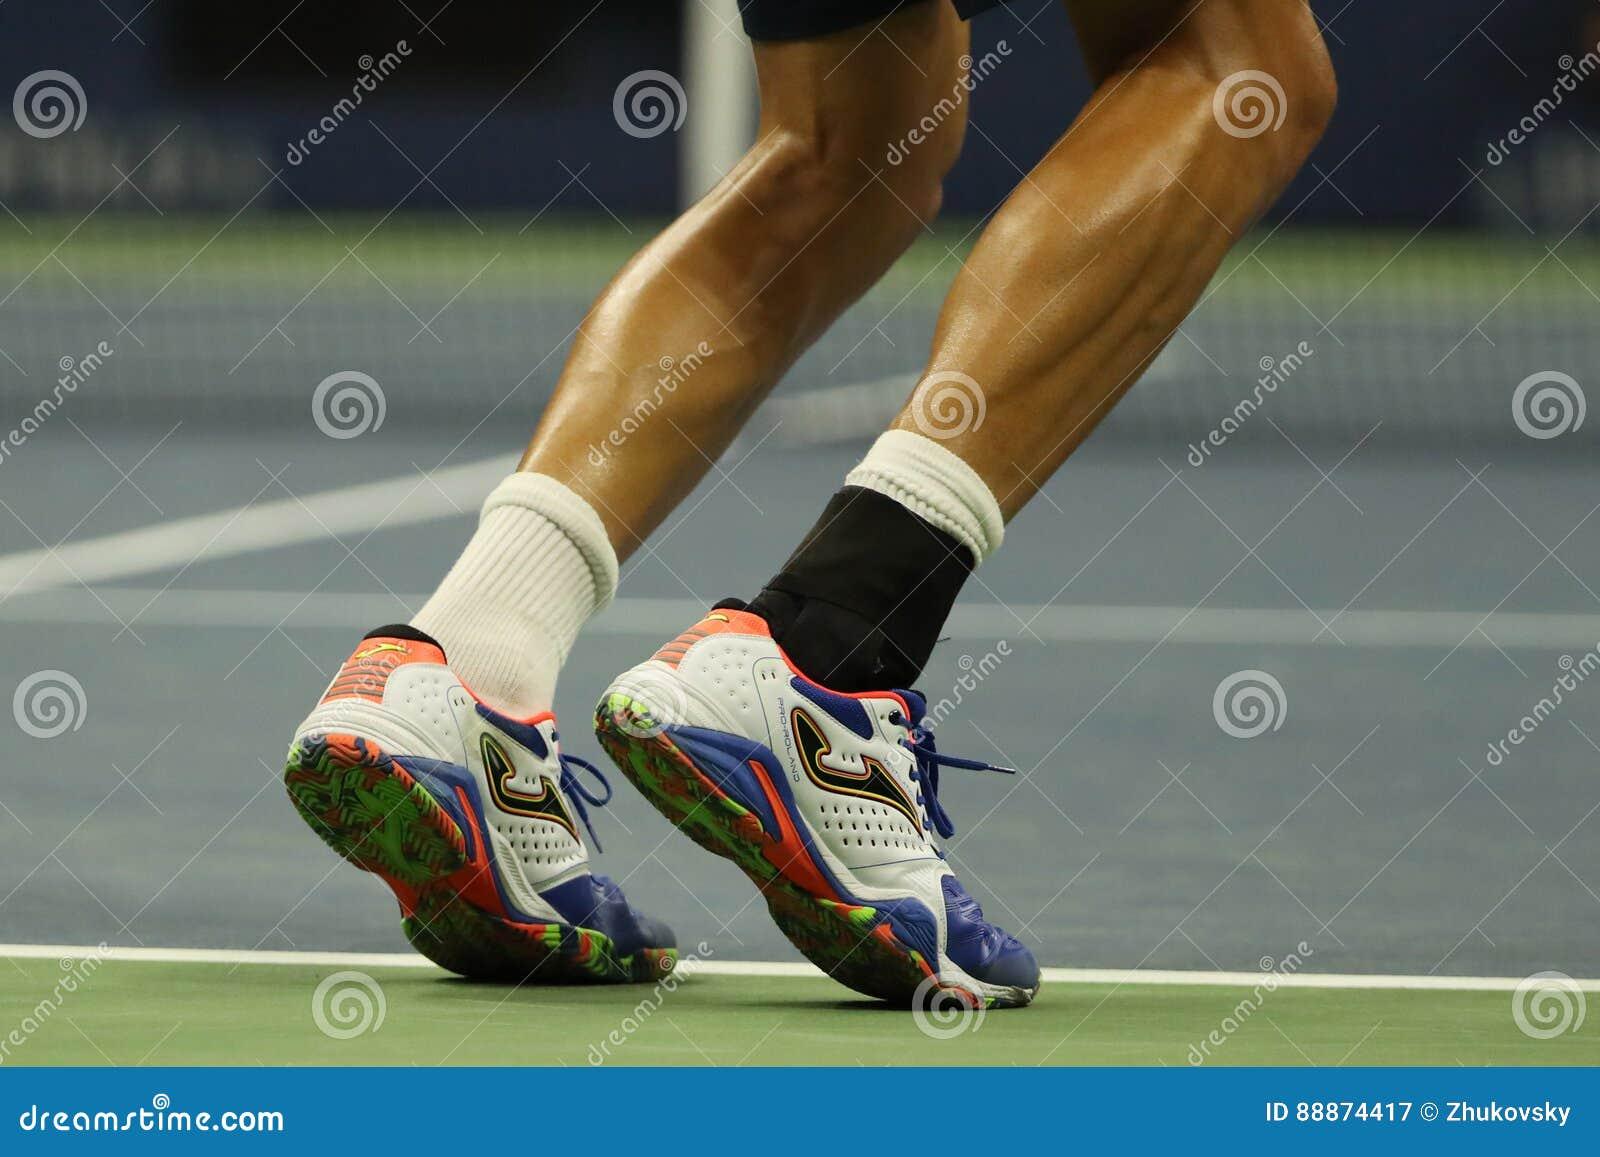 西班牙的职业网球球员马塞尔・格拉诺勒斯穿习惯Joma网球鞋在美国公开赛期间2016年